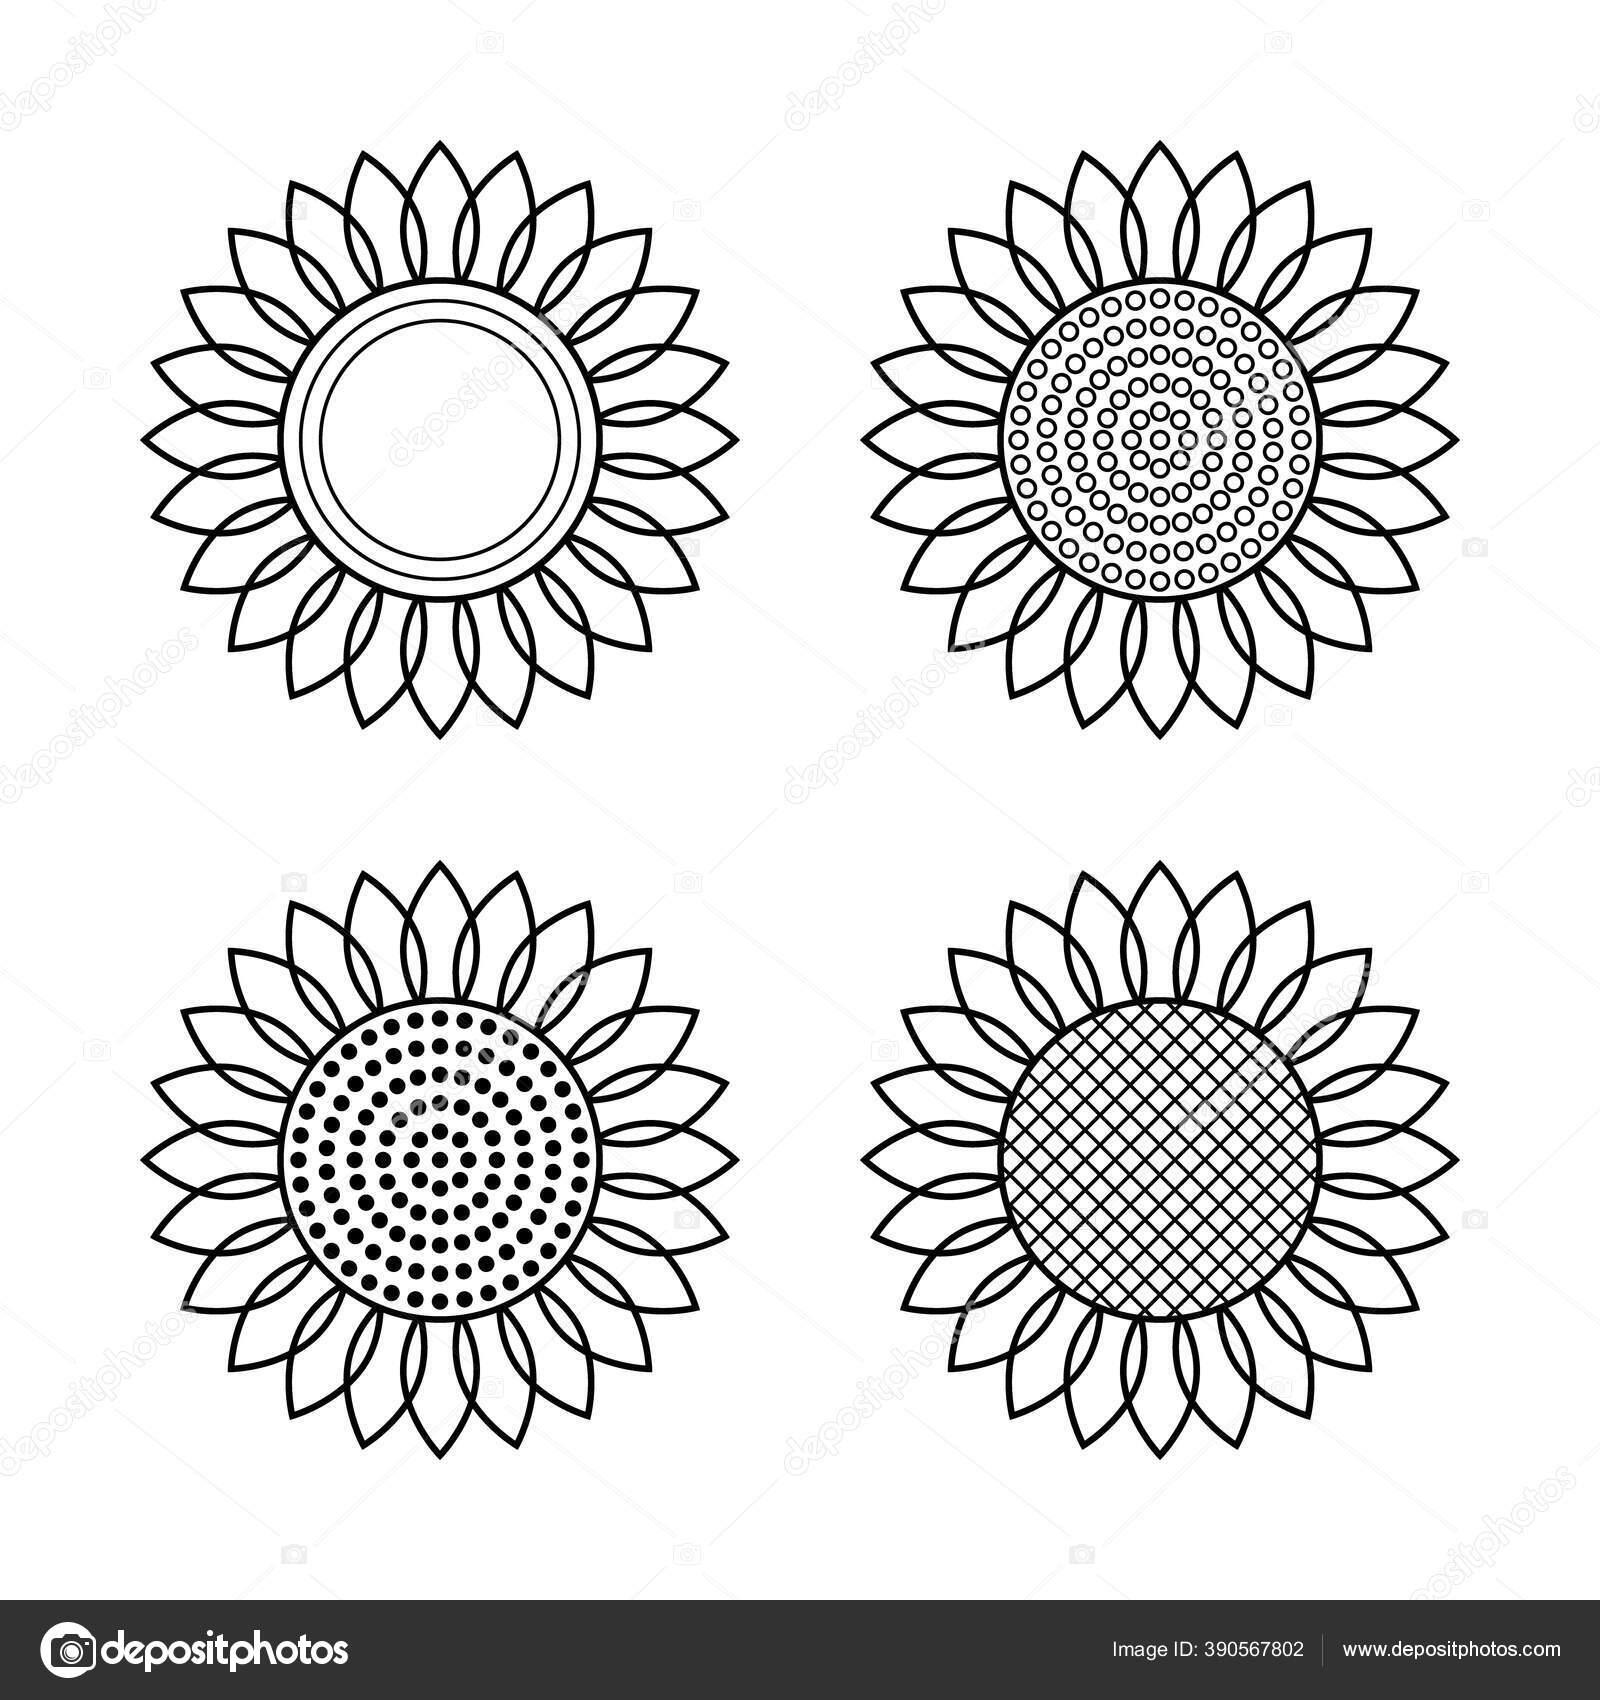 Set Ikon Bunga Matahari Ilustrasi Vektor Hitam Putih Garis Garis Hitam Sederhana Elemen Terisolasi Pada Latar Belakang Putih Untuk Desain Spanduk Dekorasi Logo Label Stiker Kartu Cetakan Dll Stok Vektor C Viktoria 888 390567802